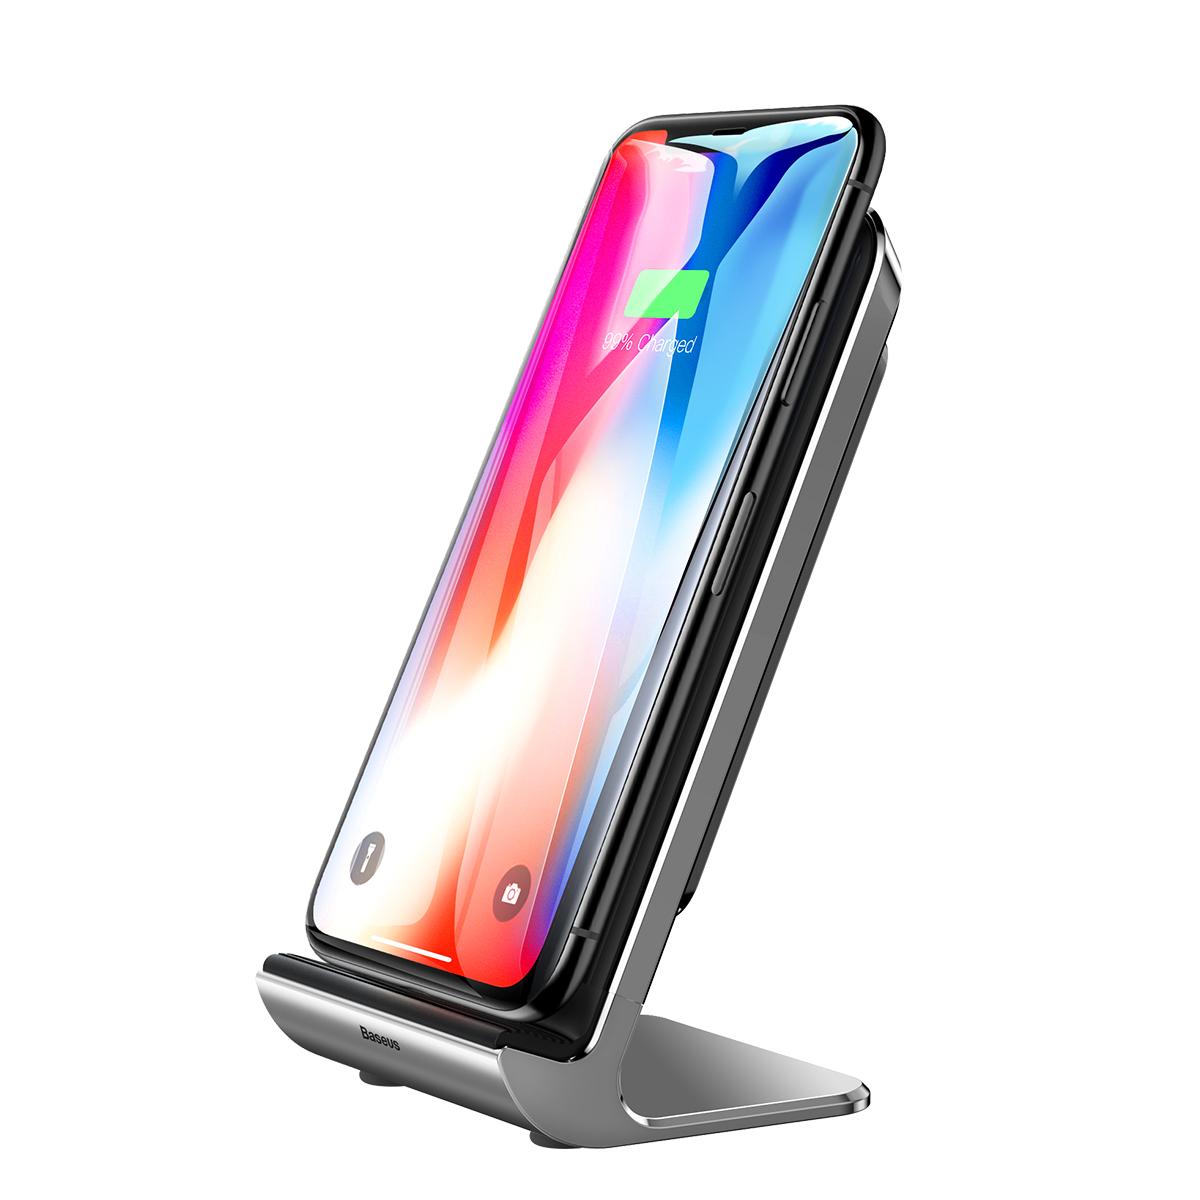 倍思iphoneX苹果无线充电器iPhone8plus手机iphonexsmax快充X专用xs小米mix2s三星s8安卓